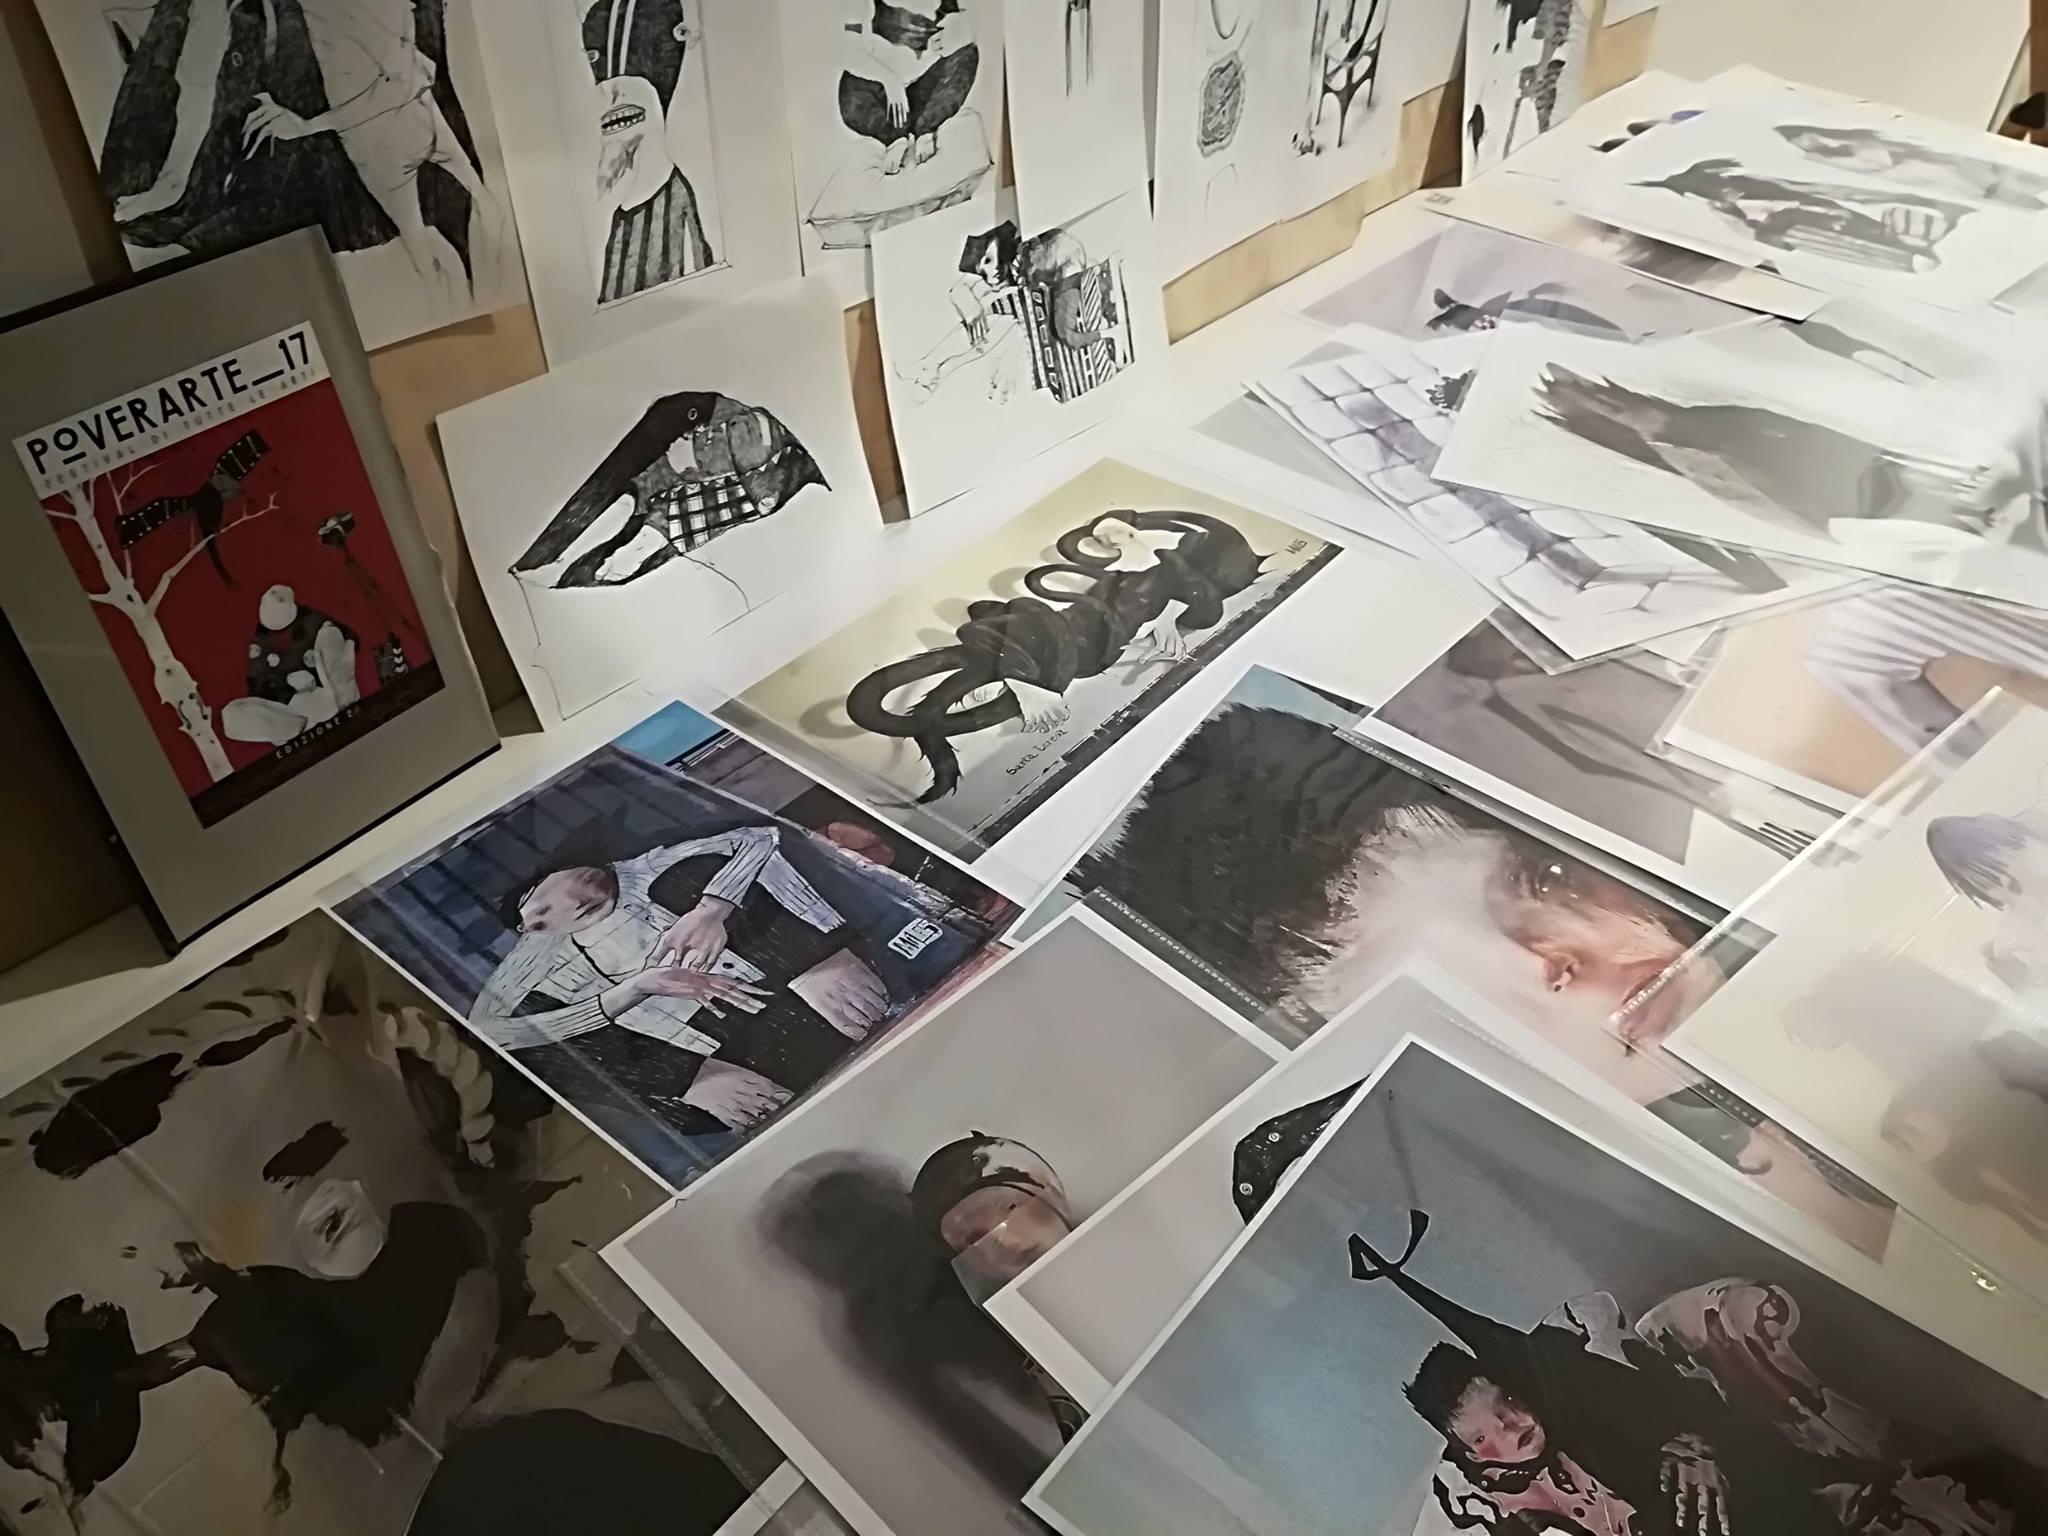 disegni, stampe, incontri con artisti, mostre